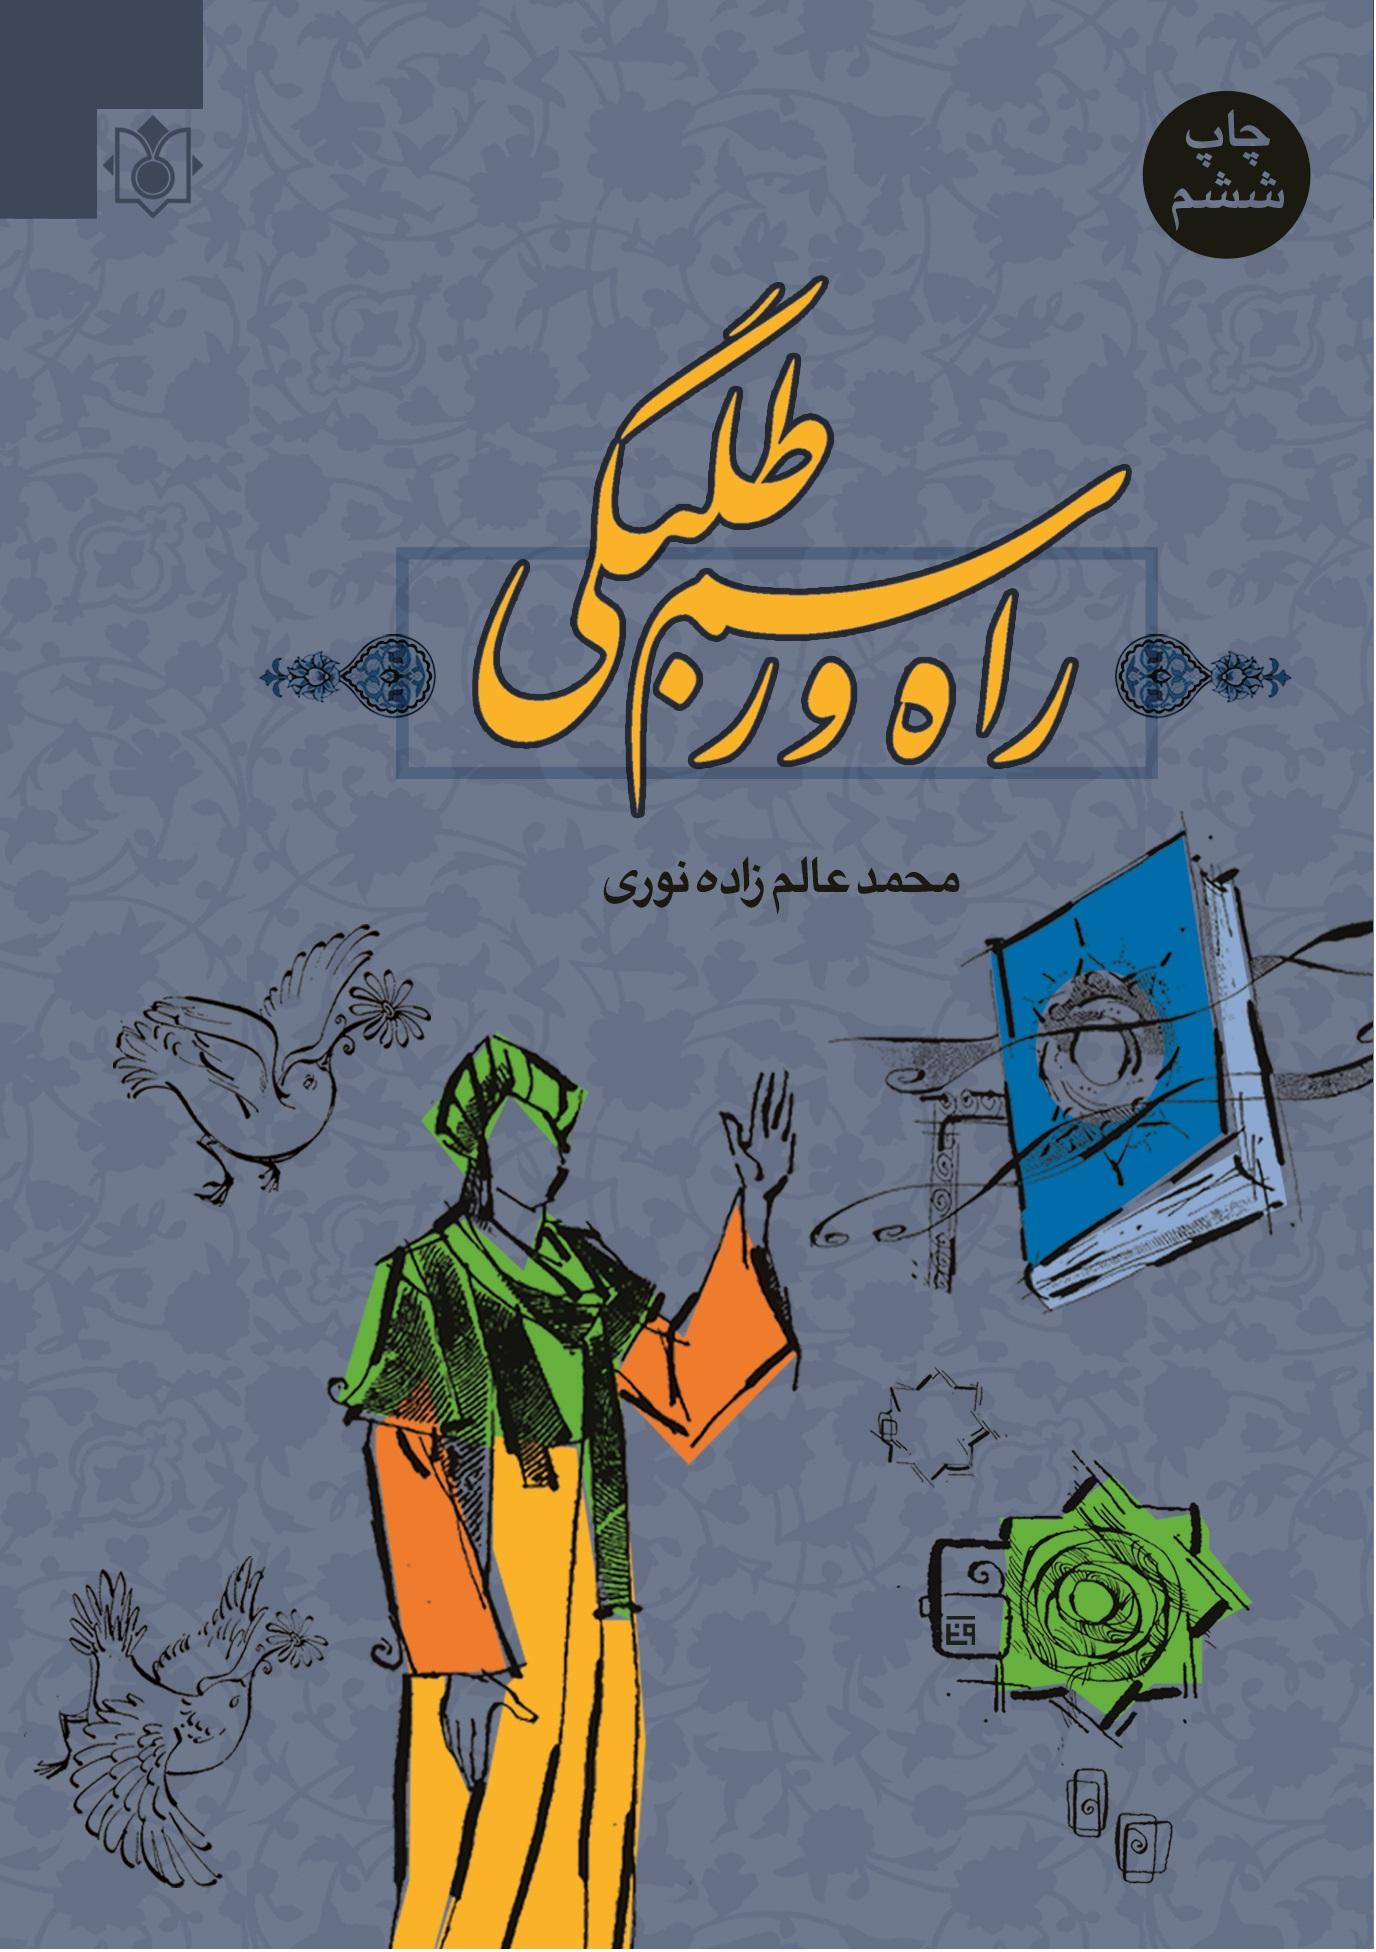 نسخه کتاب خوان راه و رسم طلبگی